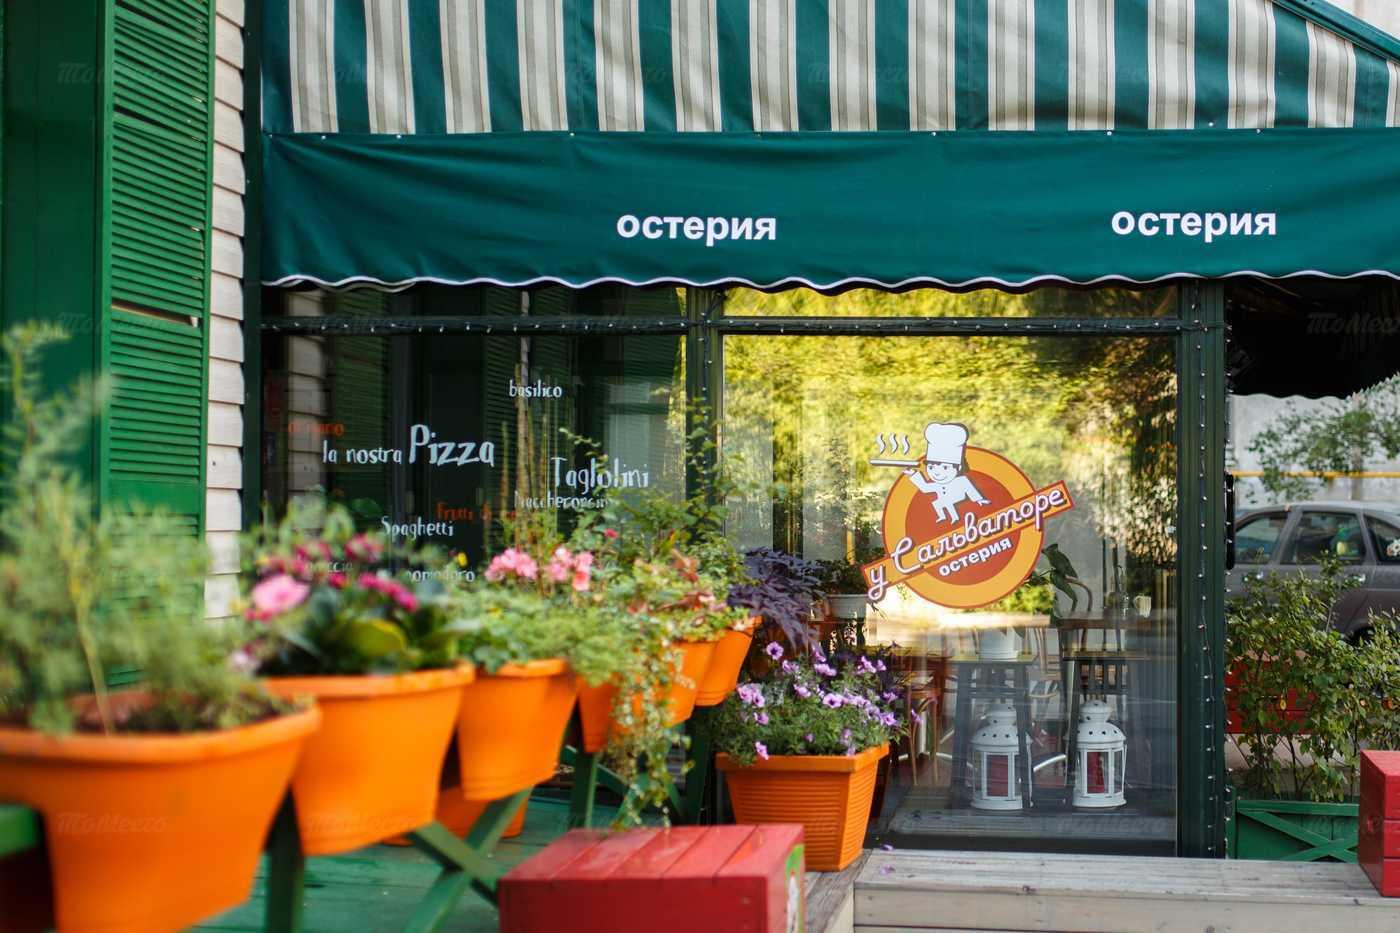 """Ресторан Остерия """"У Сальваторе"""" (бывш. """"У Джузеппе"""") на Самотечной улице фото 8"""